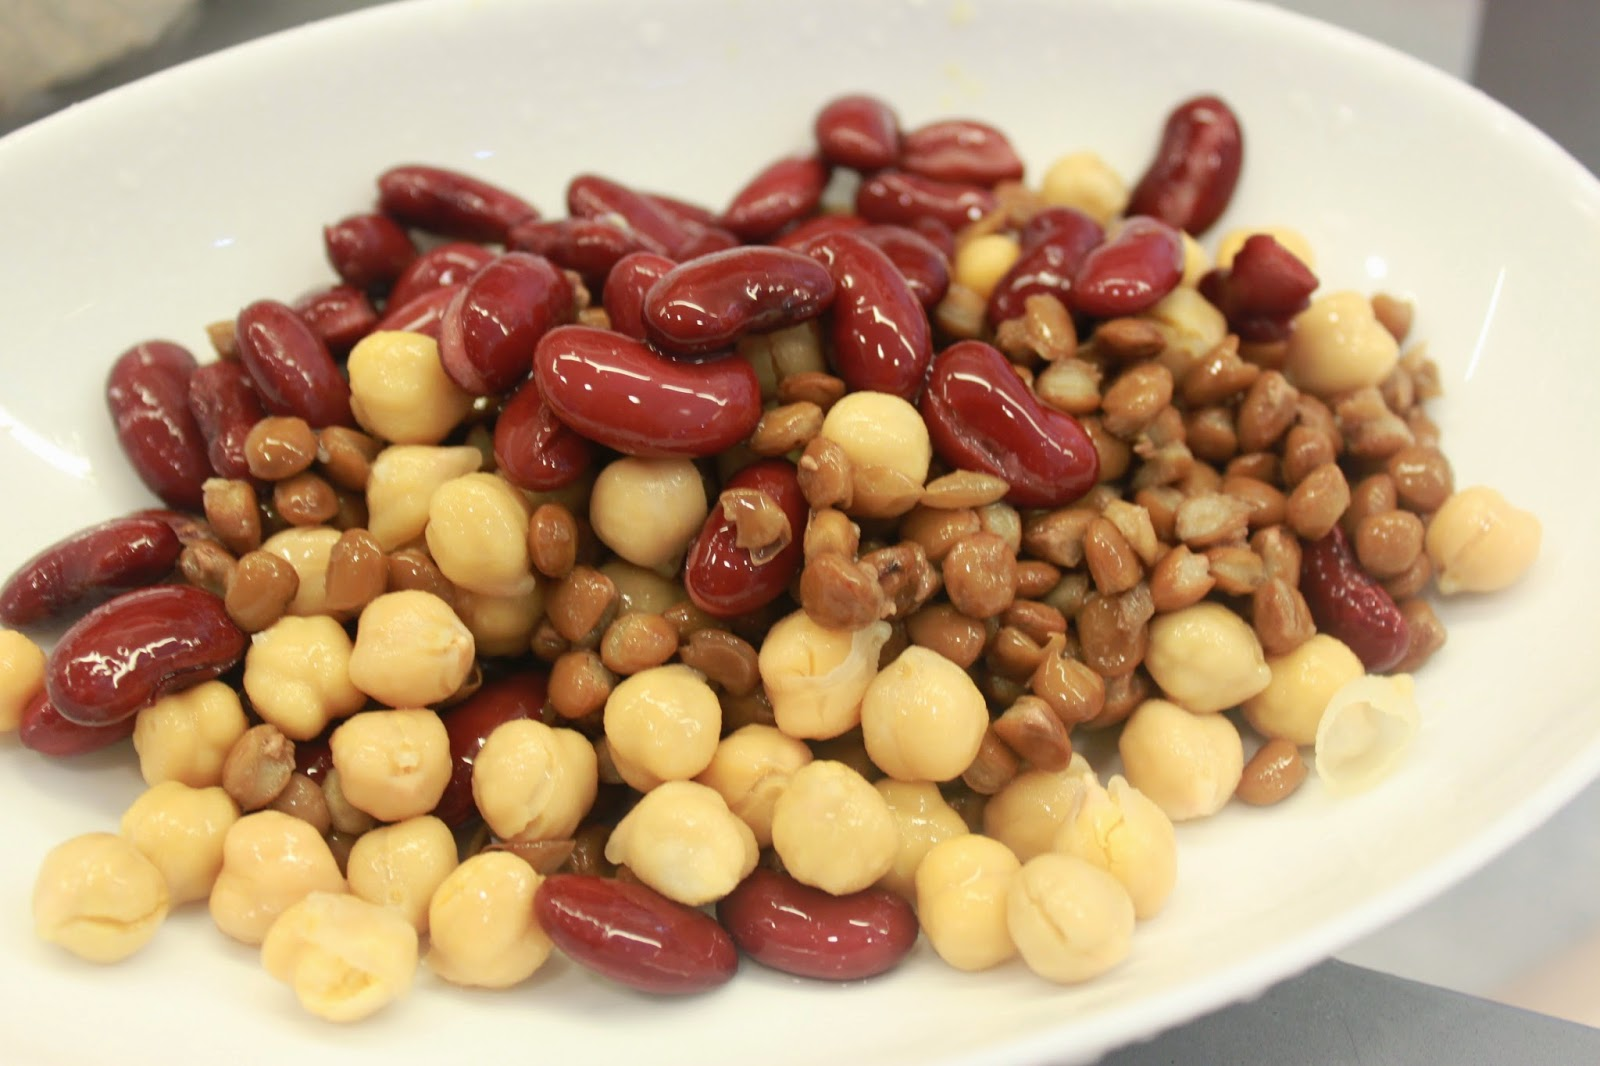 大蚊廚房 : 蕃茄濃湯豬肉腸燴雜豆